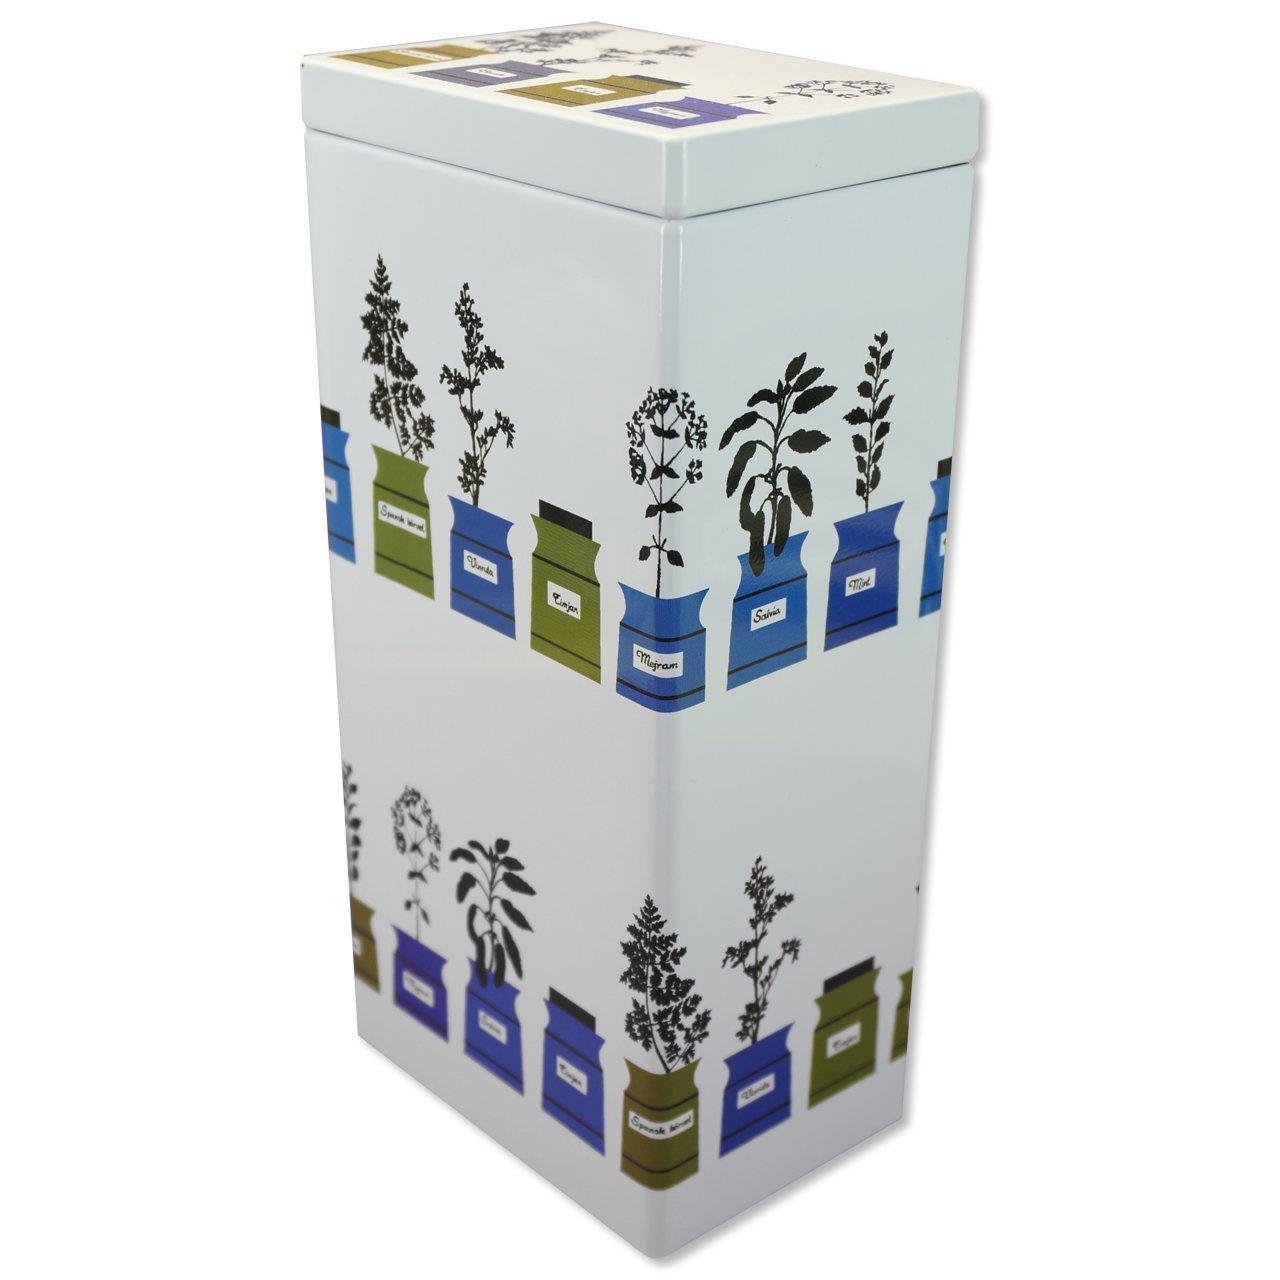 コーヒー・紅茶缶L Persons kryddskåp 10.2×7.3×21.1cm